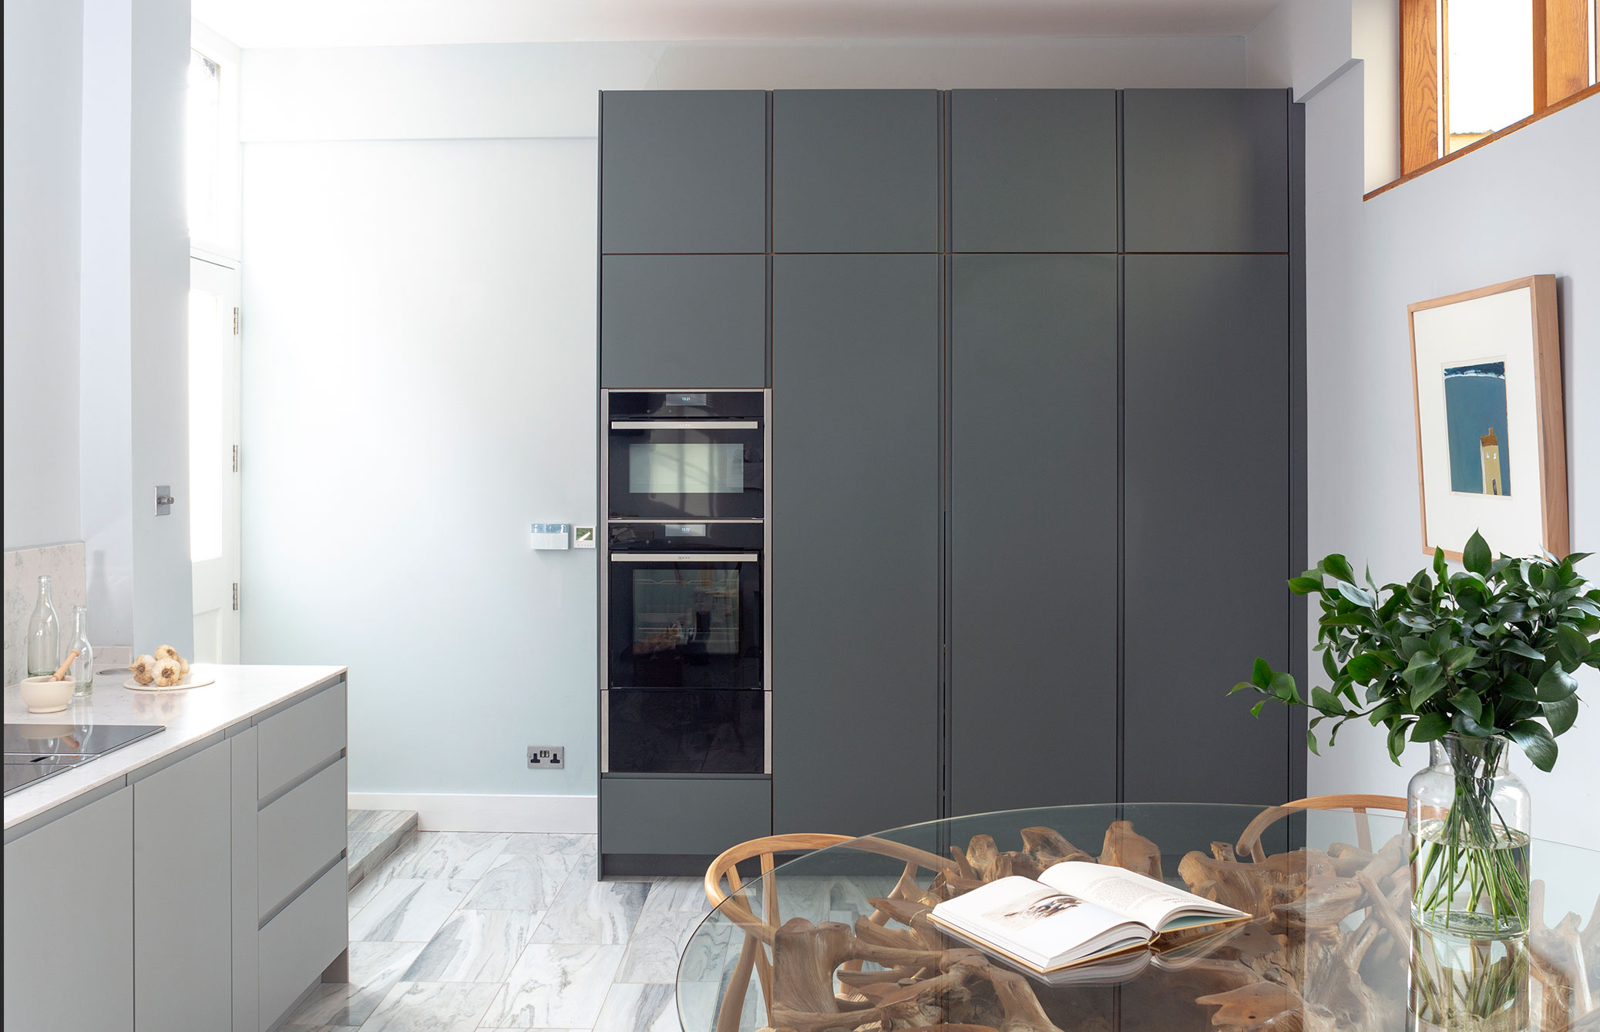 Understated minimalist kitchen in Bath